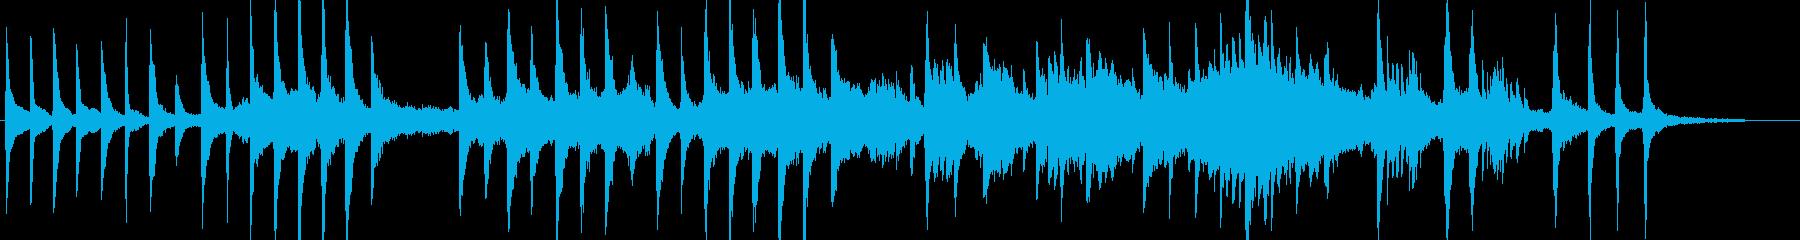 幻想的なピアノとボイスのアンビエントの再生済みの波形